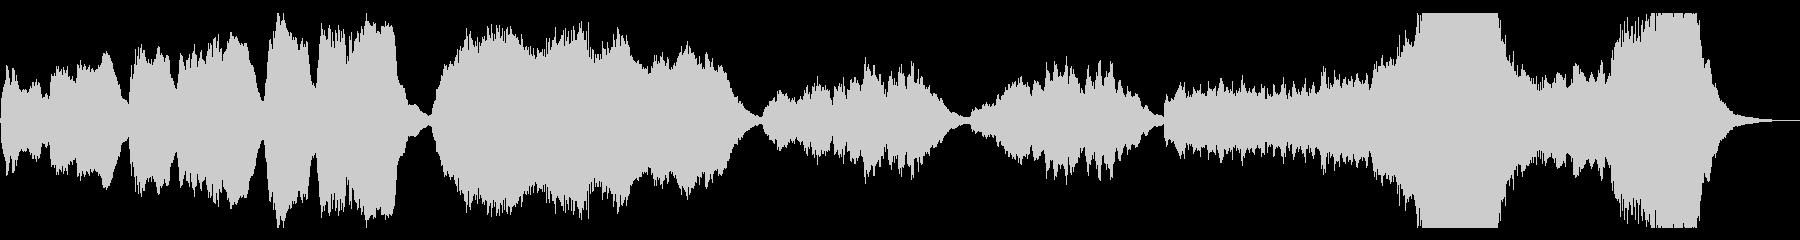 バッハ・トッカータとフーガ原曲・オルガンの未再生の波形